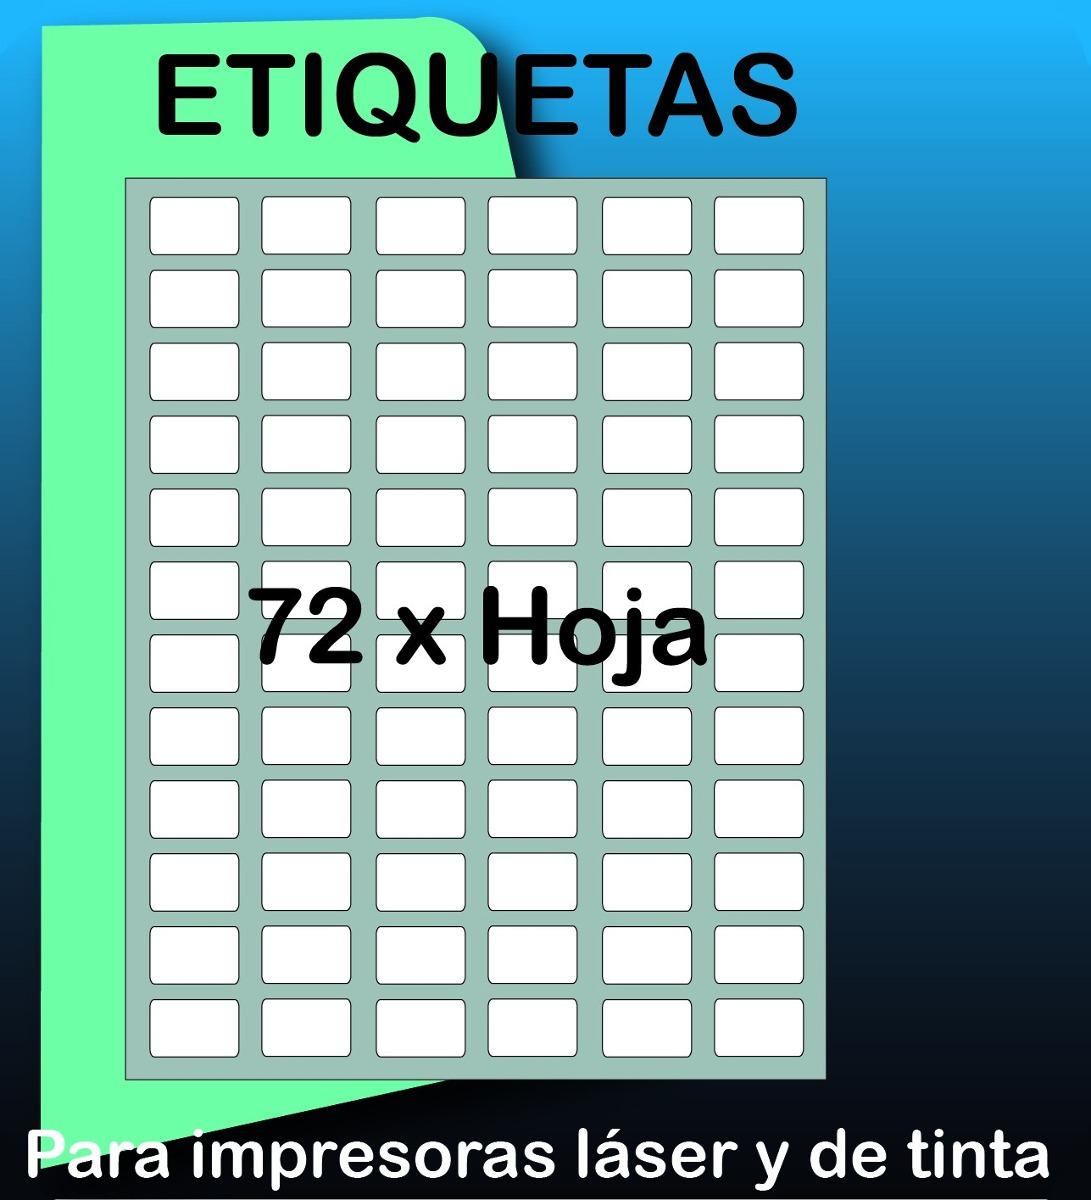 1800 Etiquetas Autoadhesivas De 3 X 2 Cm Precortadas - Bs. 488,00 en ...